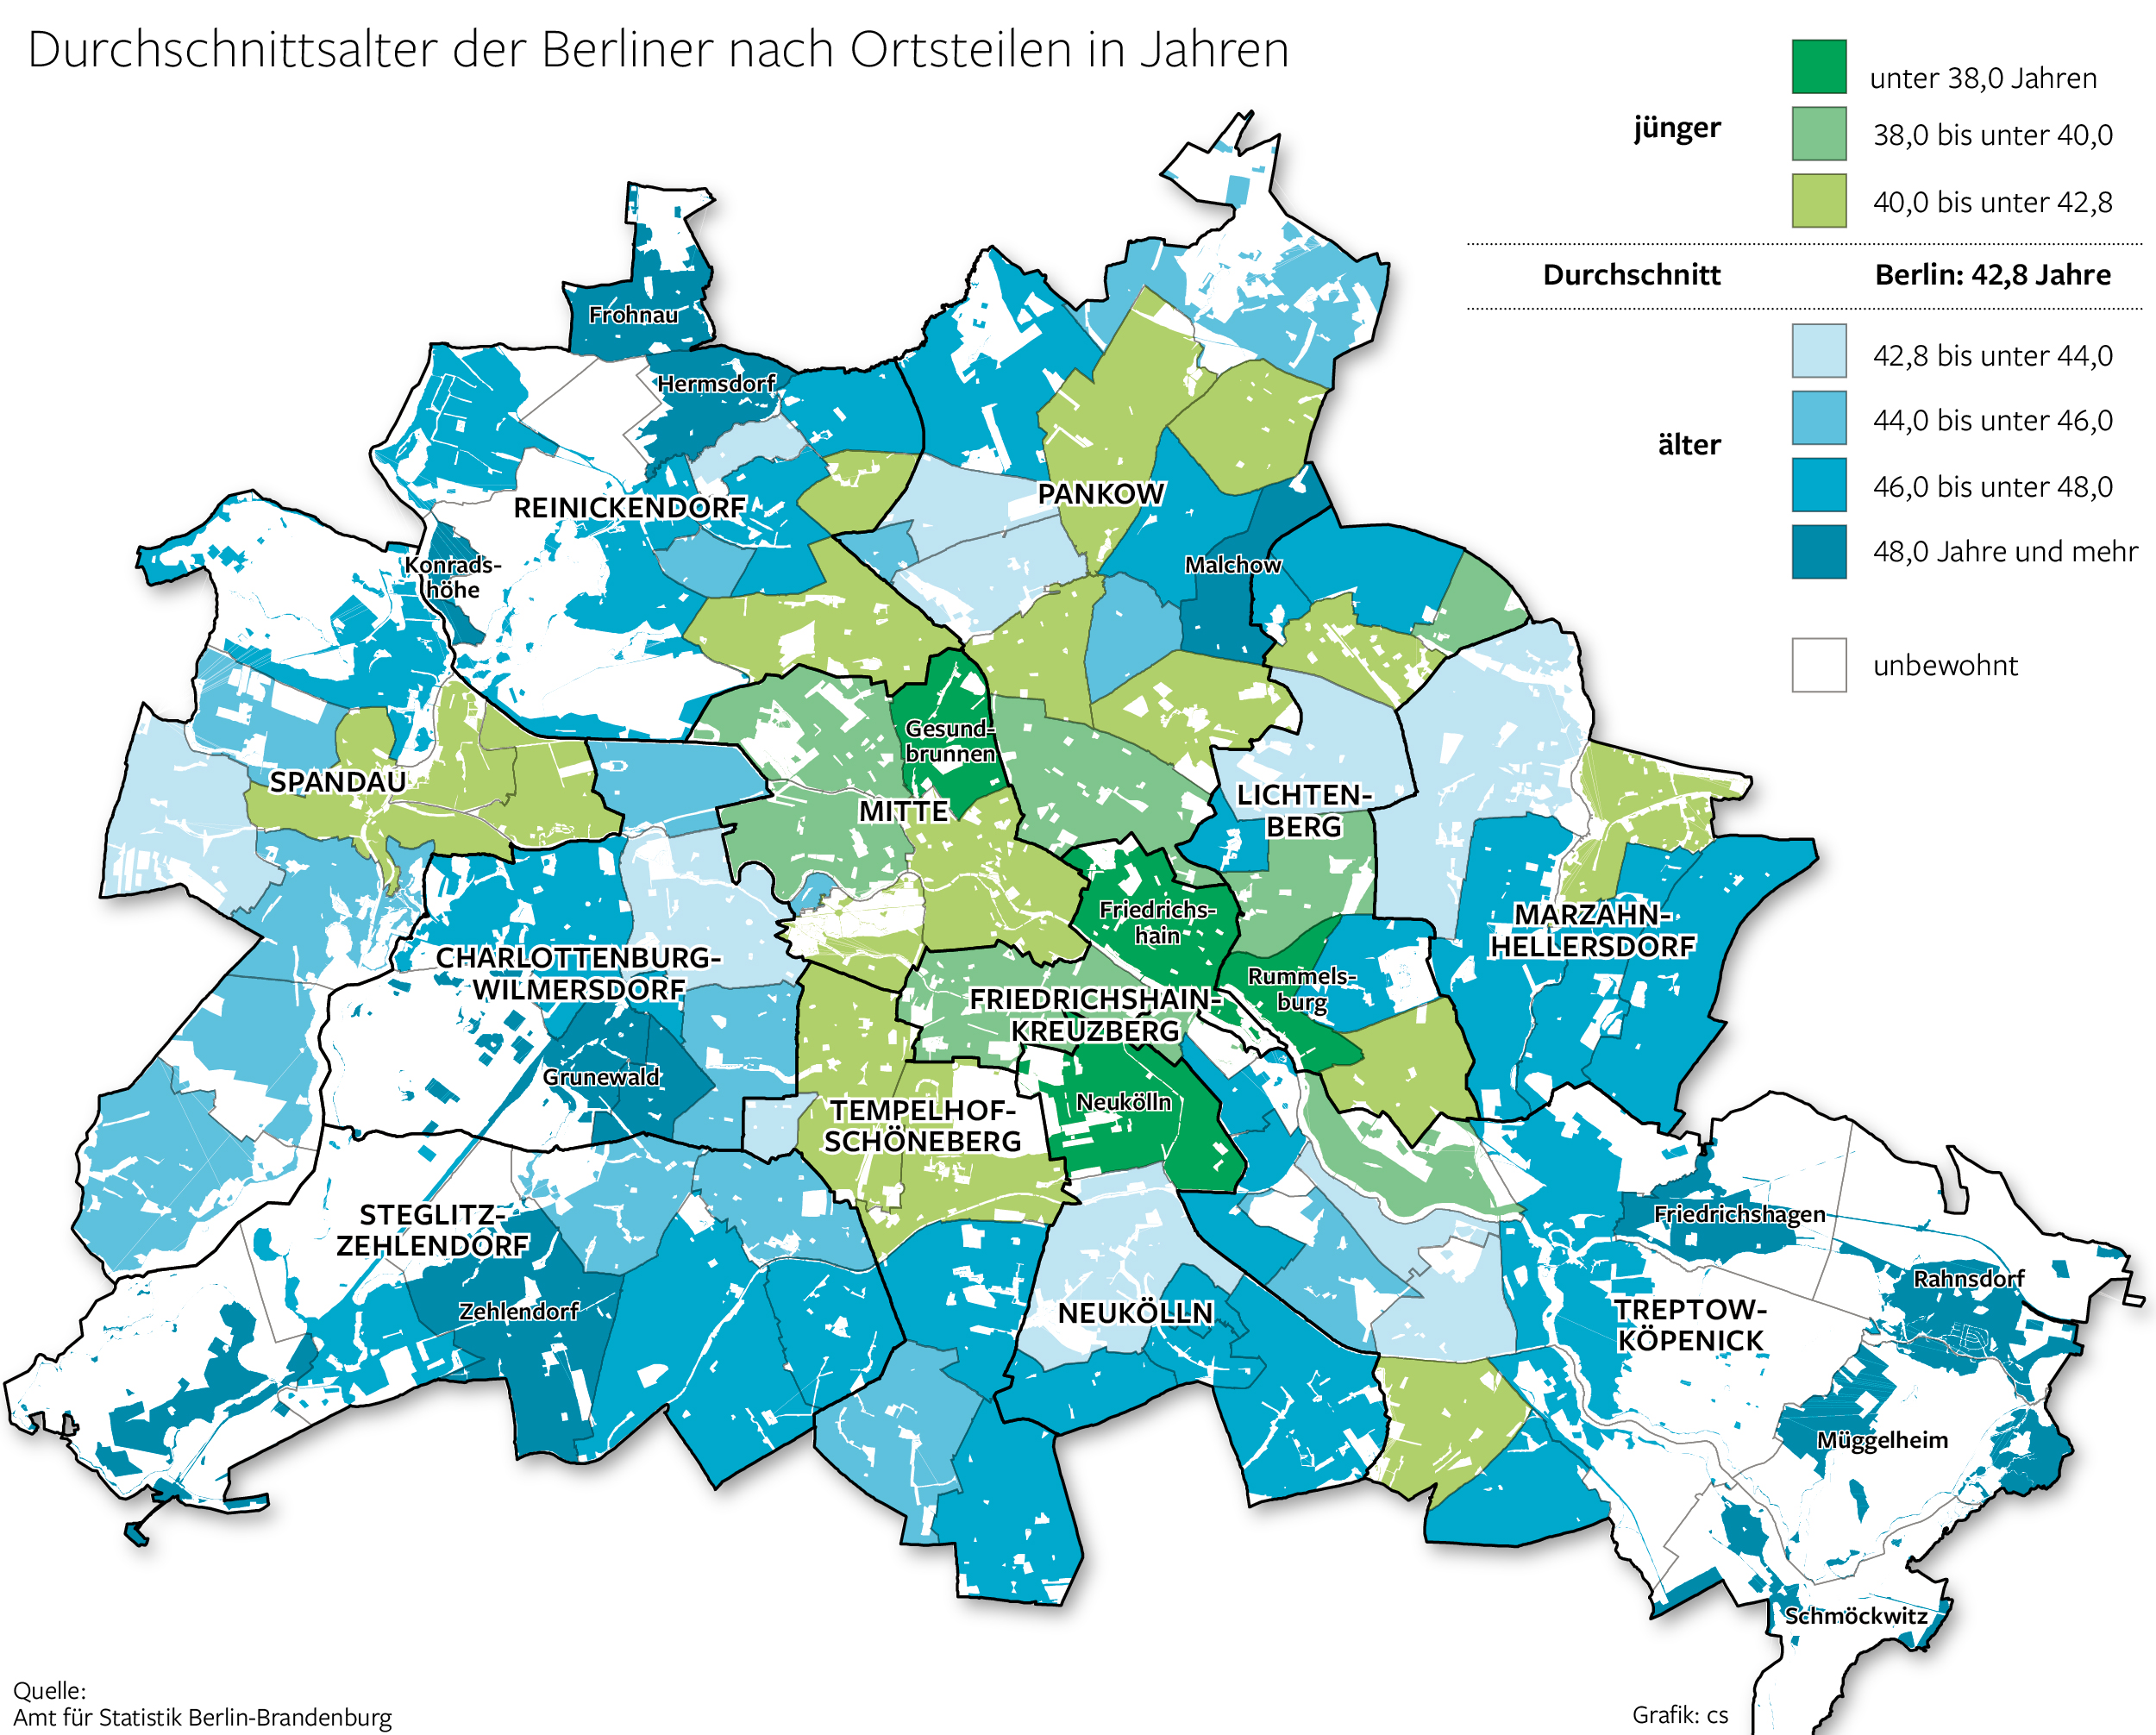 Karte London Stadtteile.Welcher Ortsteil In Berlin Am Jungsten Ist Berlin